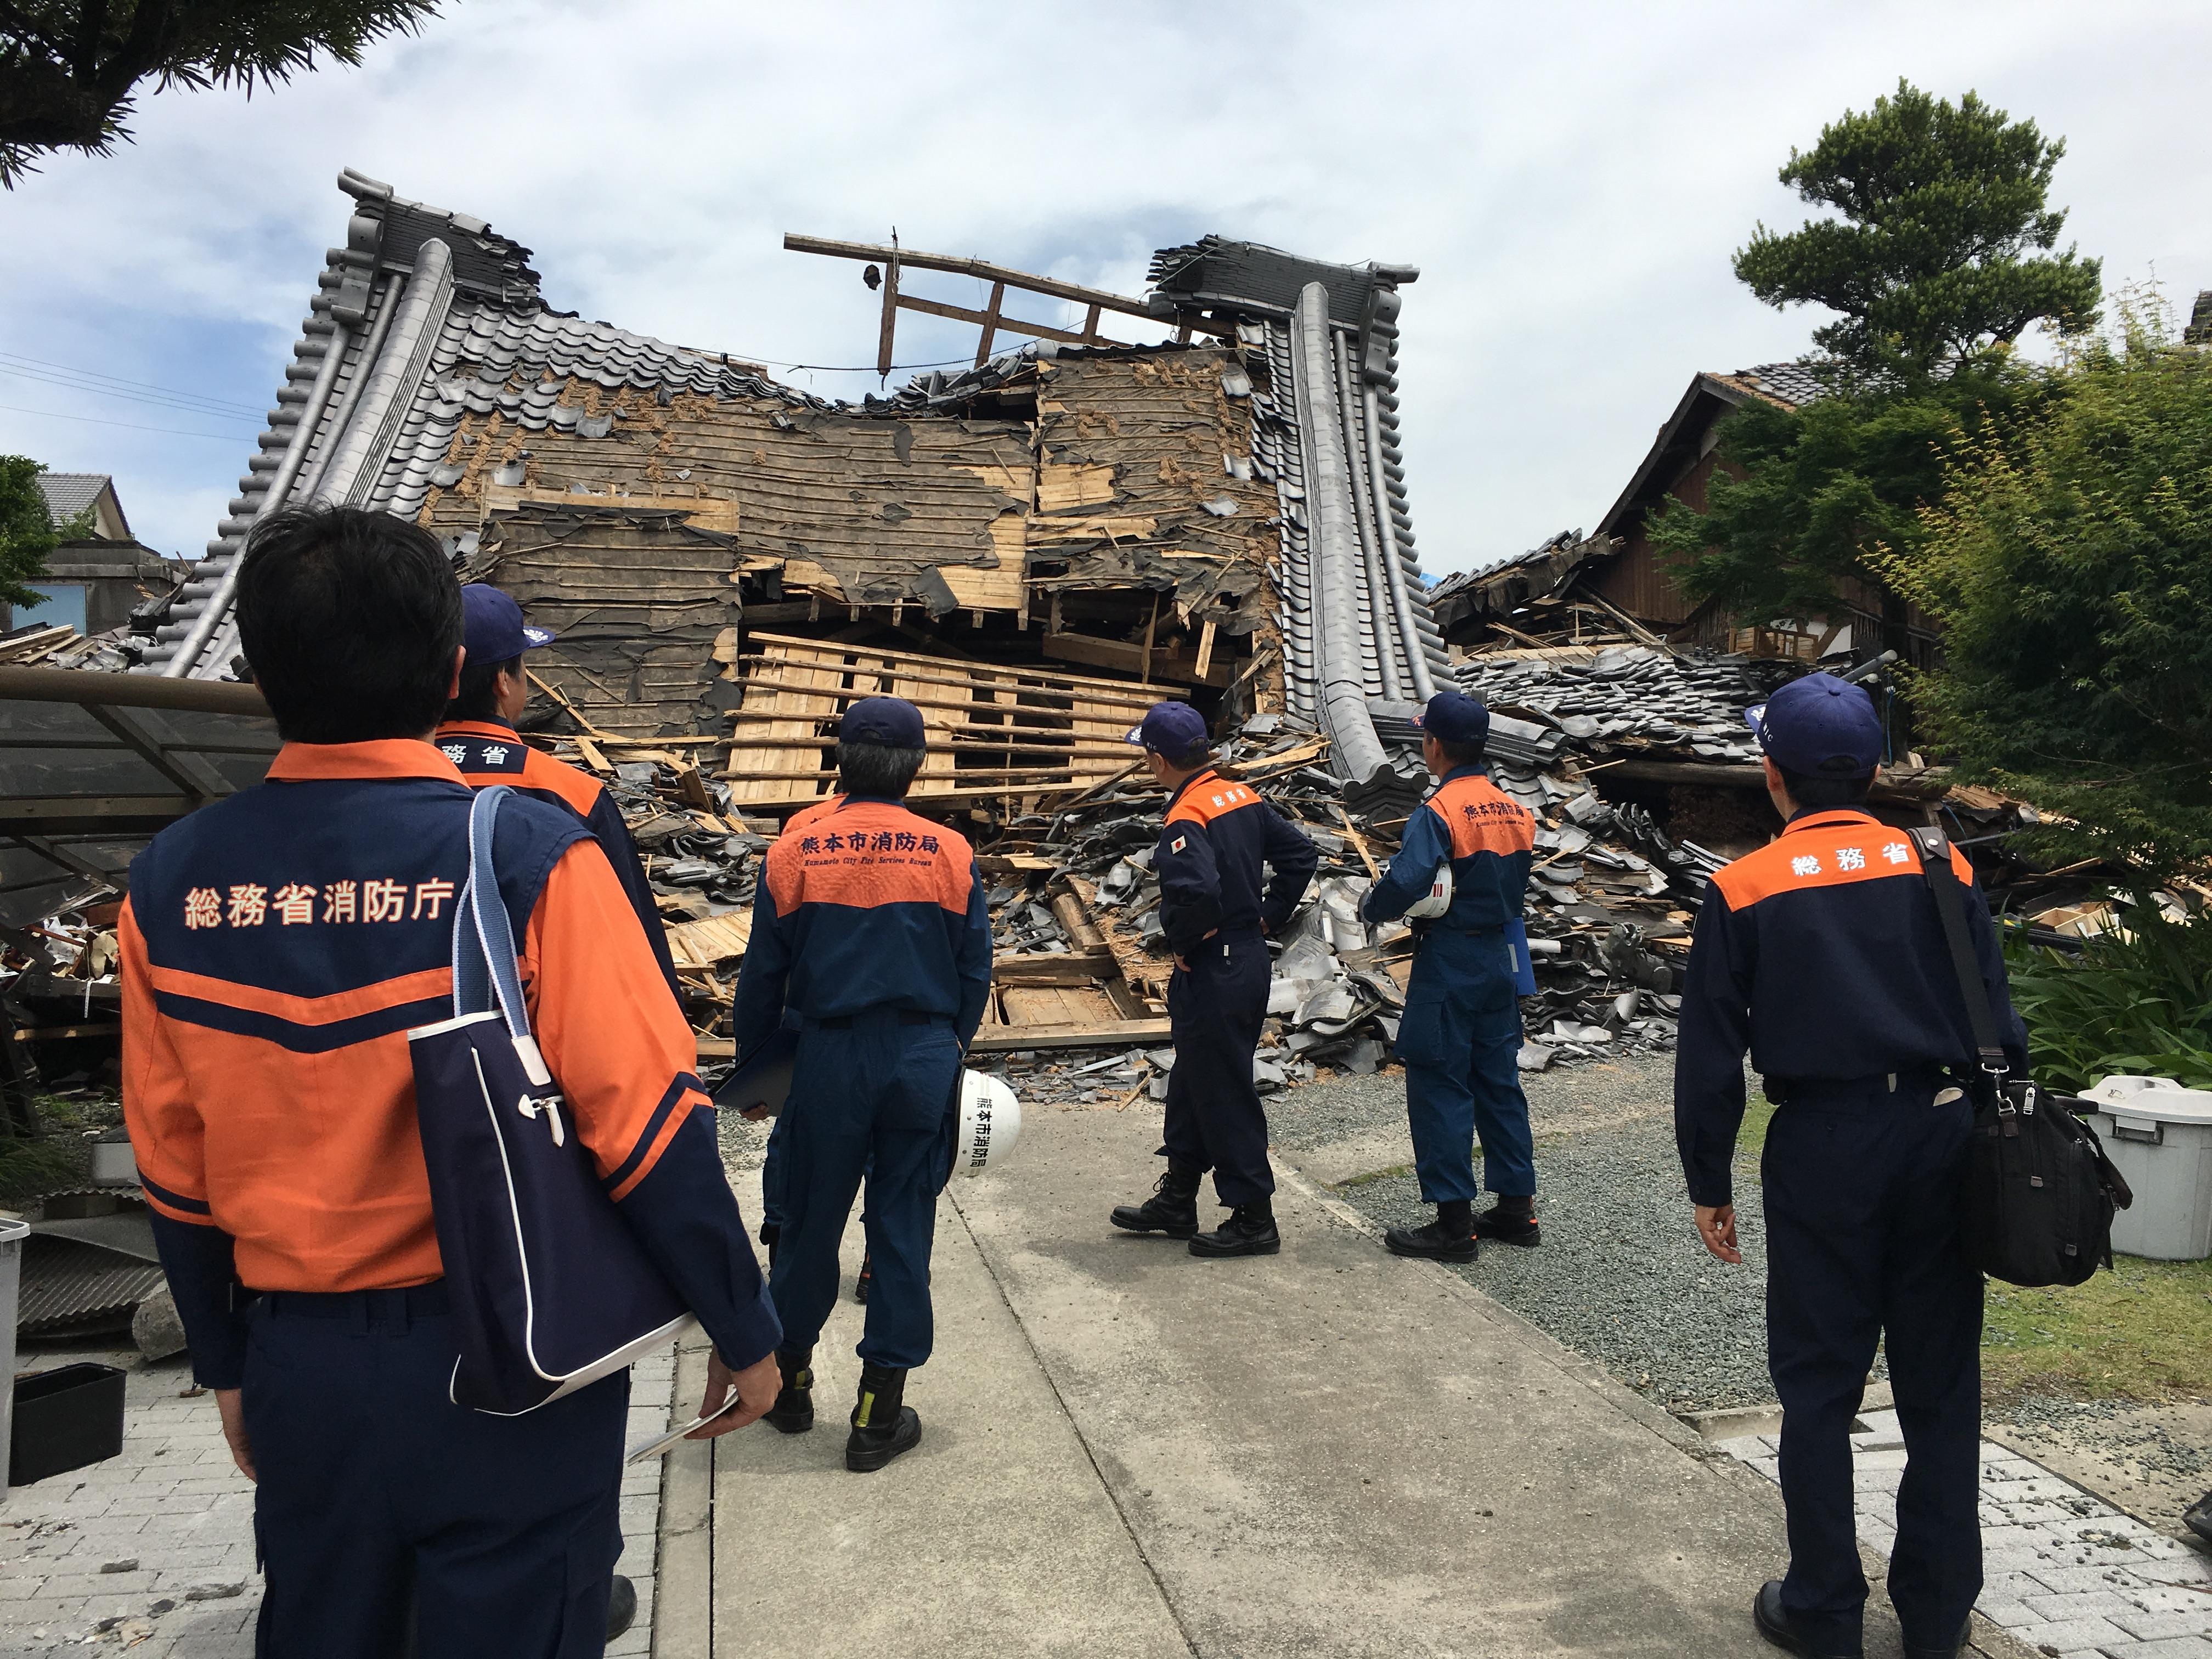 「熊本地震-復興に向けて被災地の要望を聞き、激励-5月21日熊本県熊本市、西原村、益城町を視察」の画像